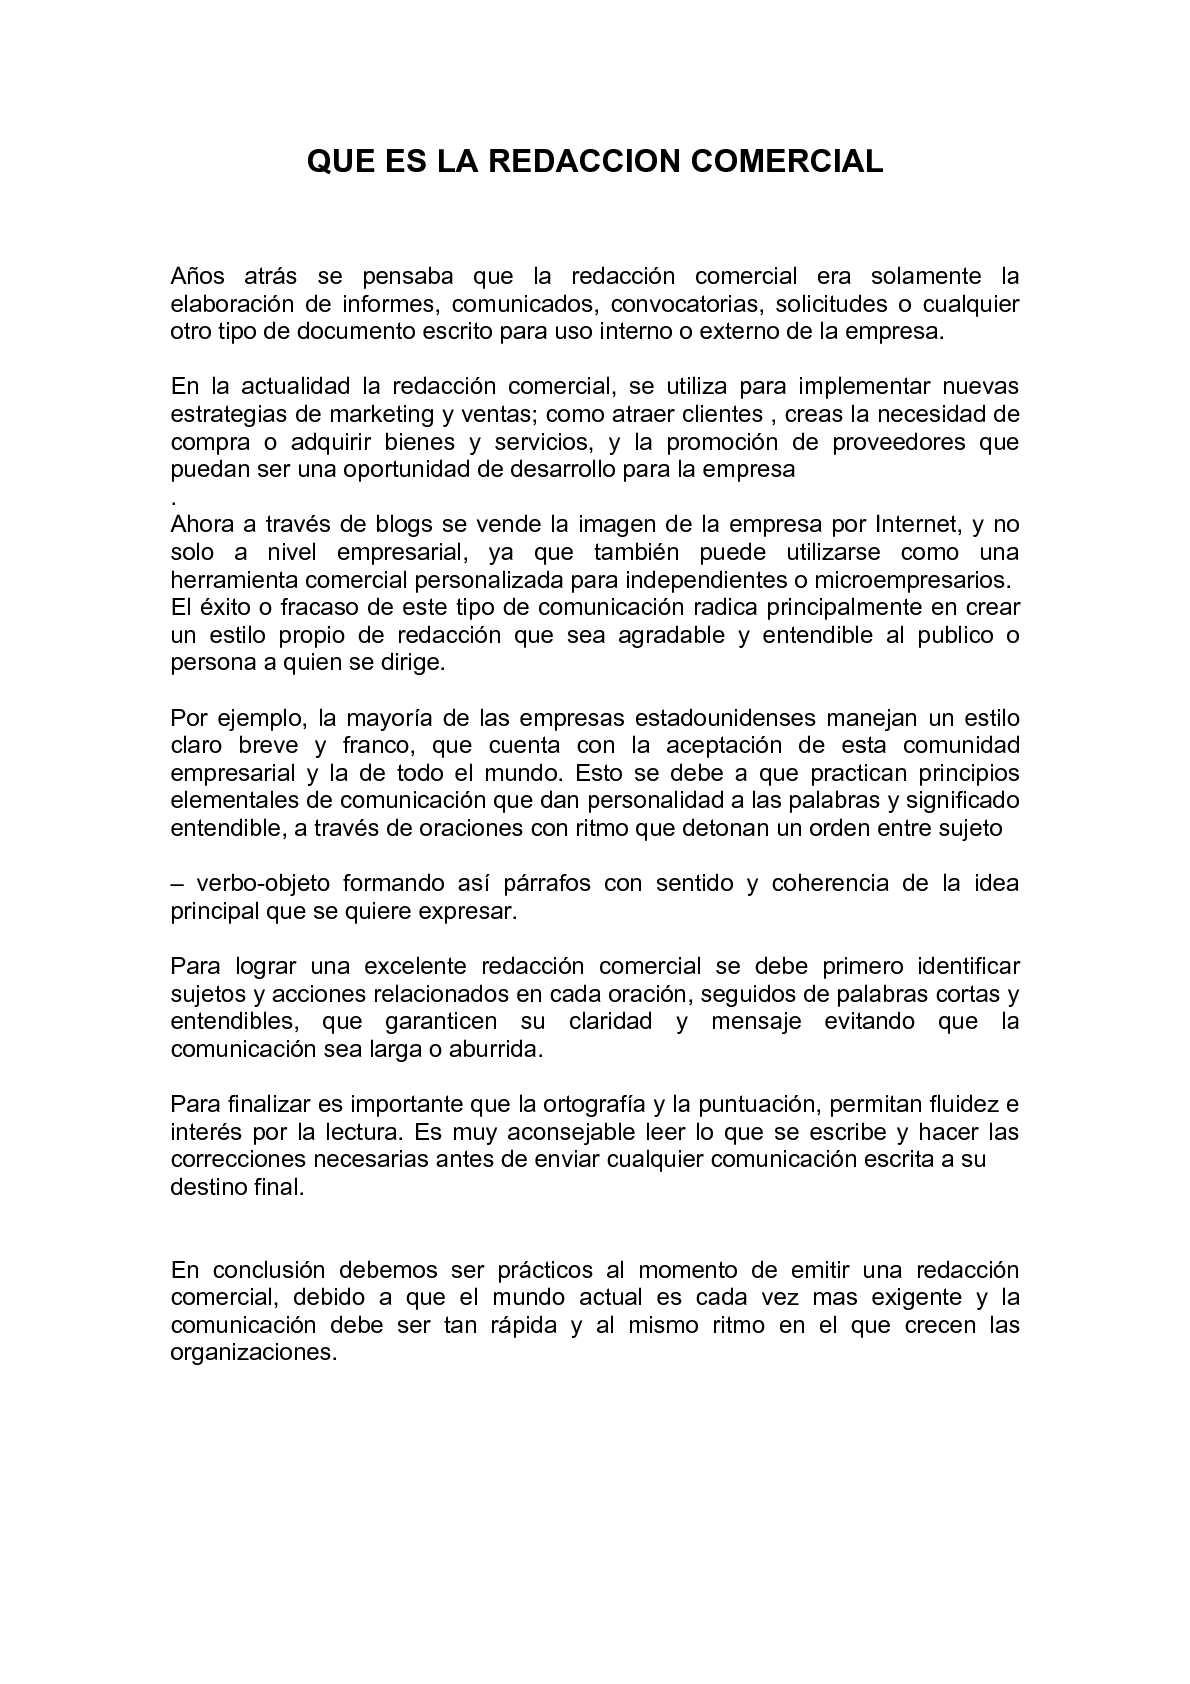 Calaméo - QUE ES LA REDACCION COMERCIAL